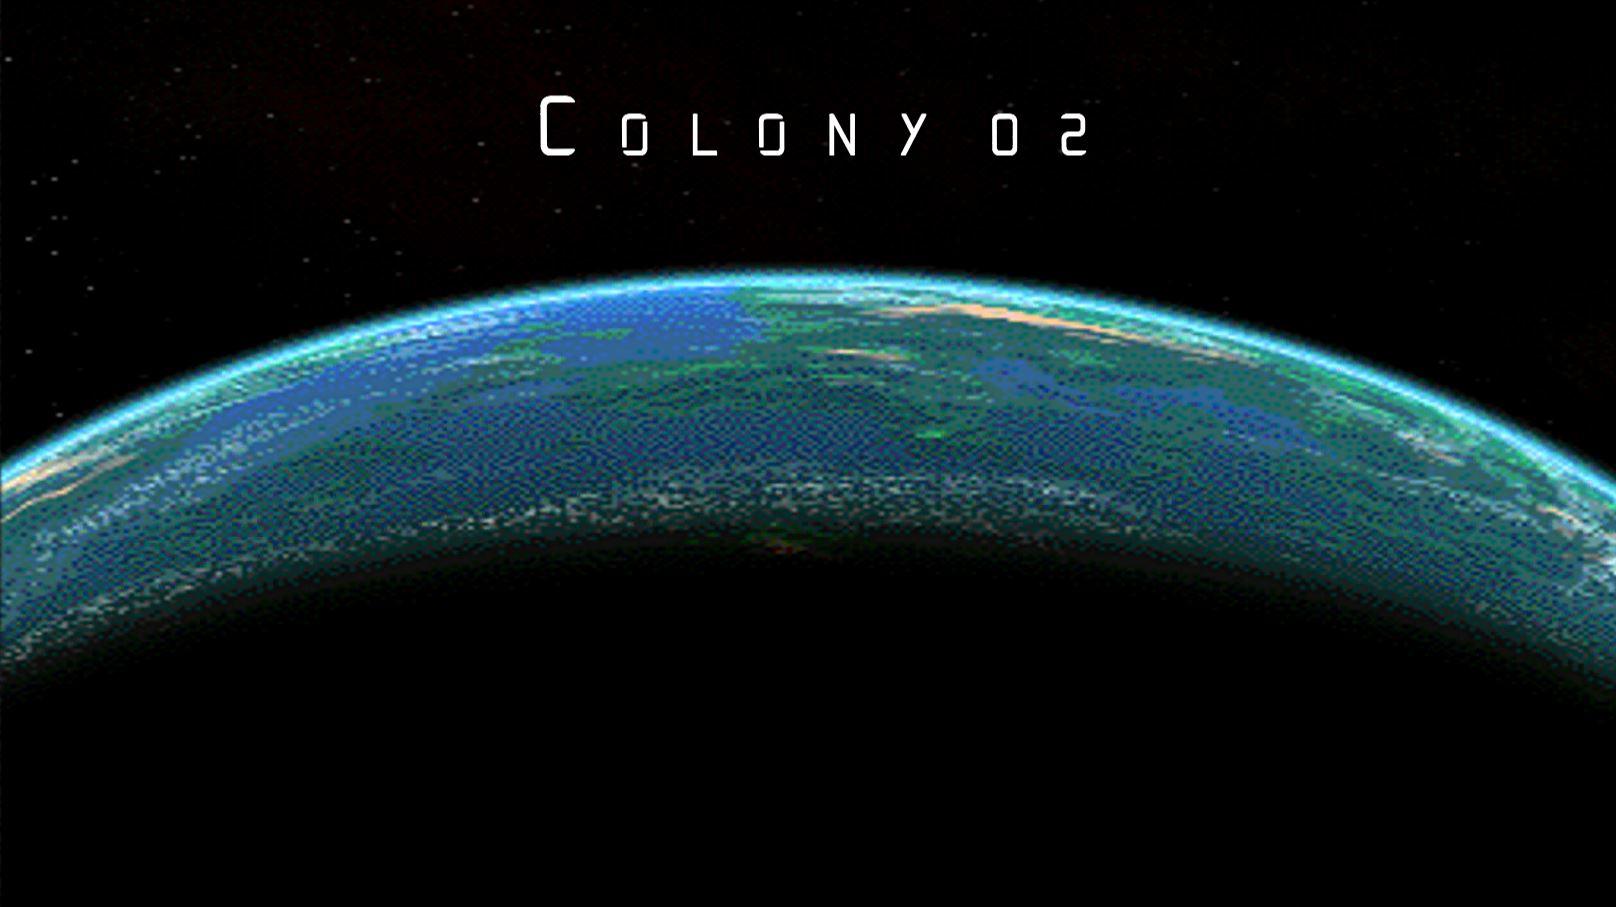 Colony 02